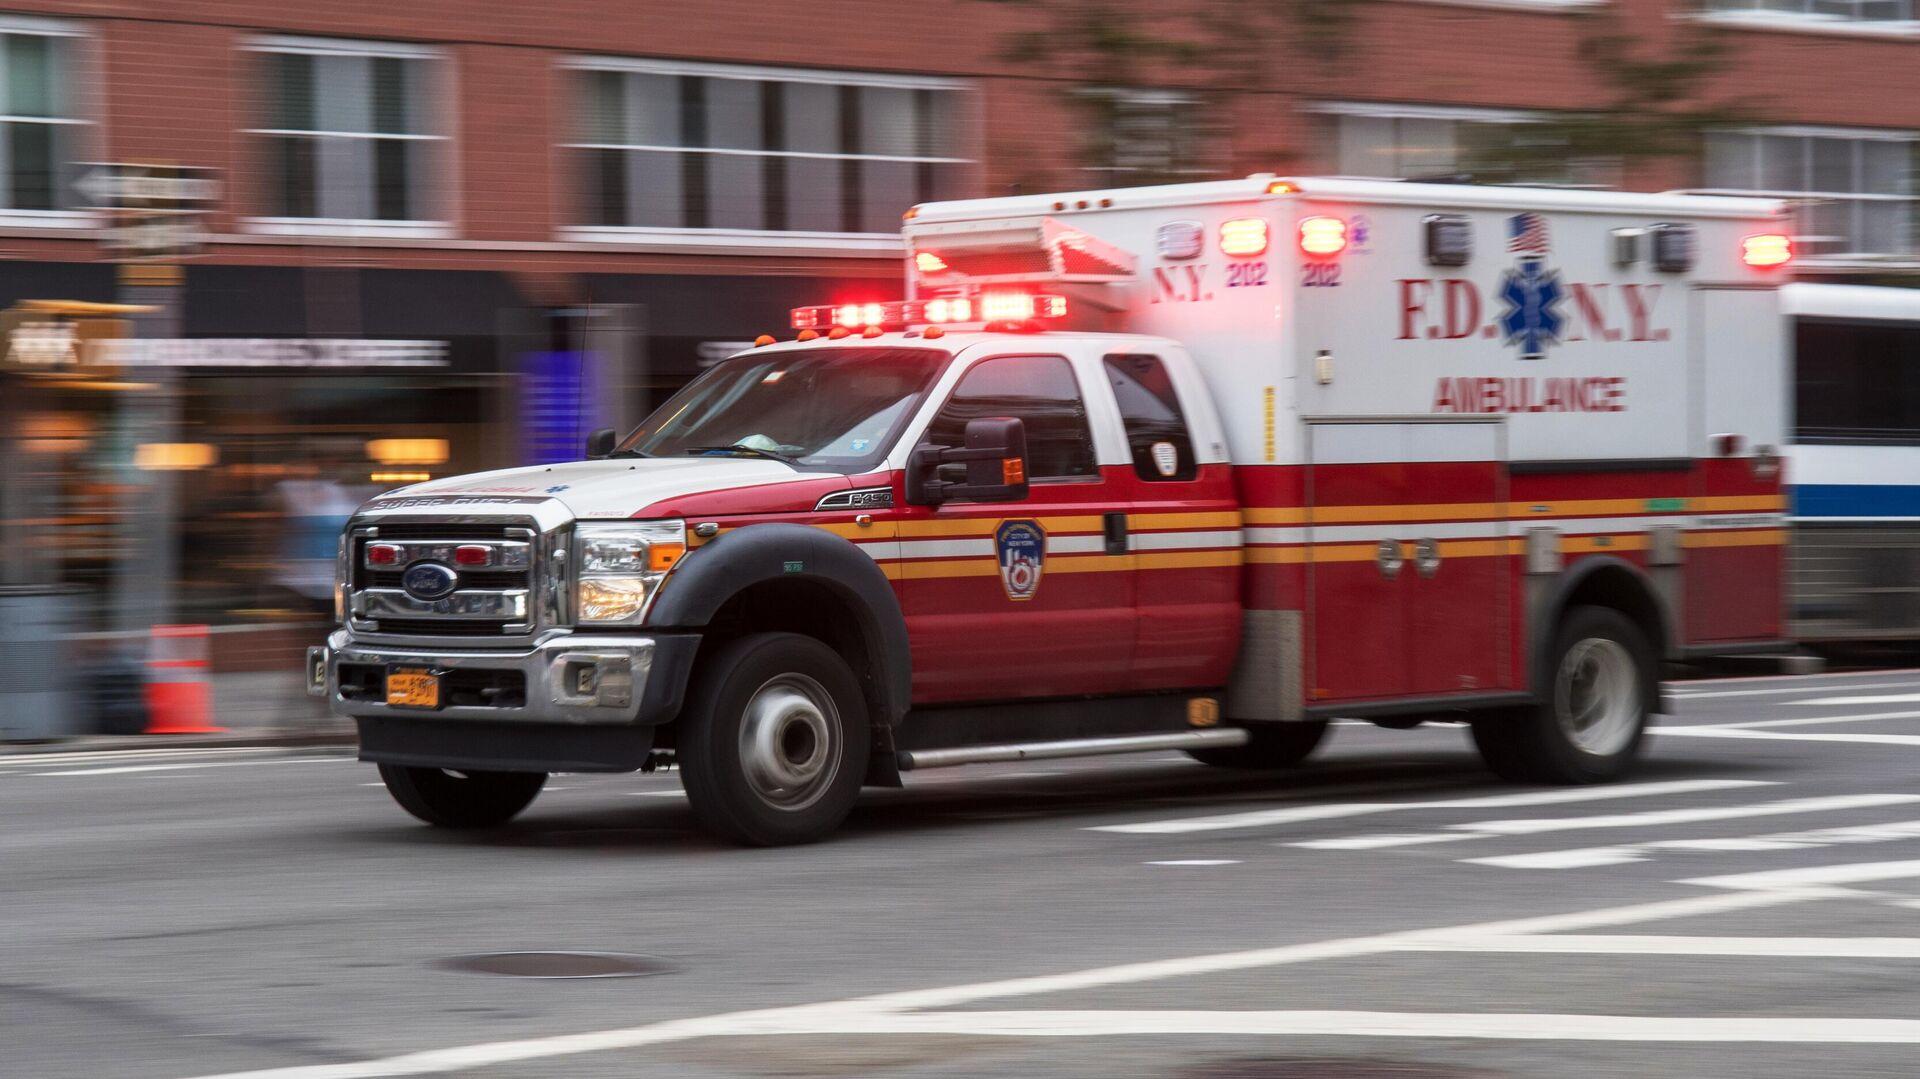 В Балтиморе произошел взрыв в многоэтажном офисном здании